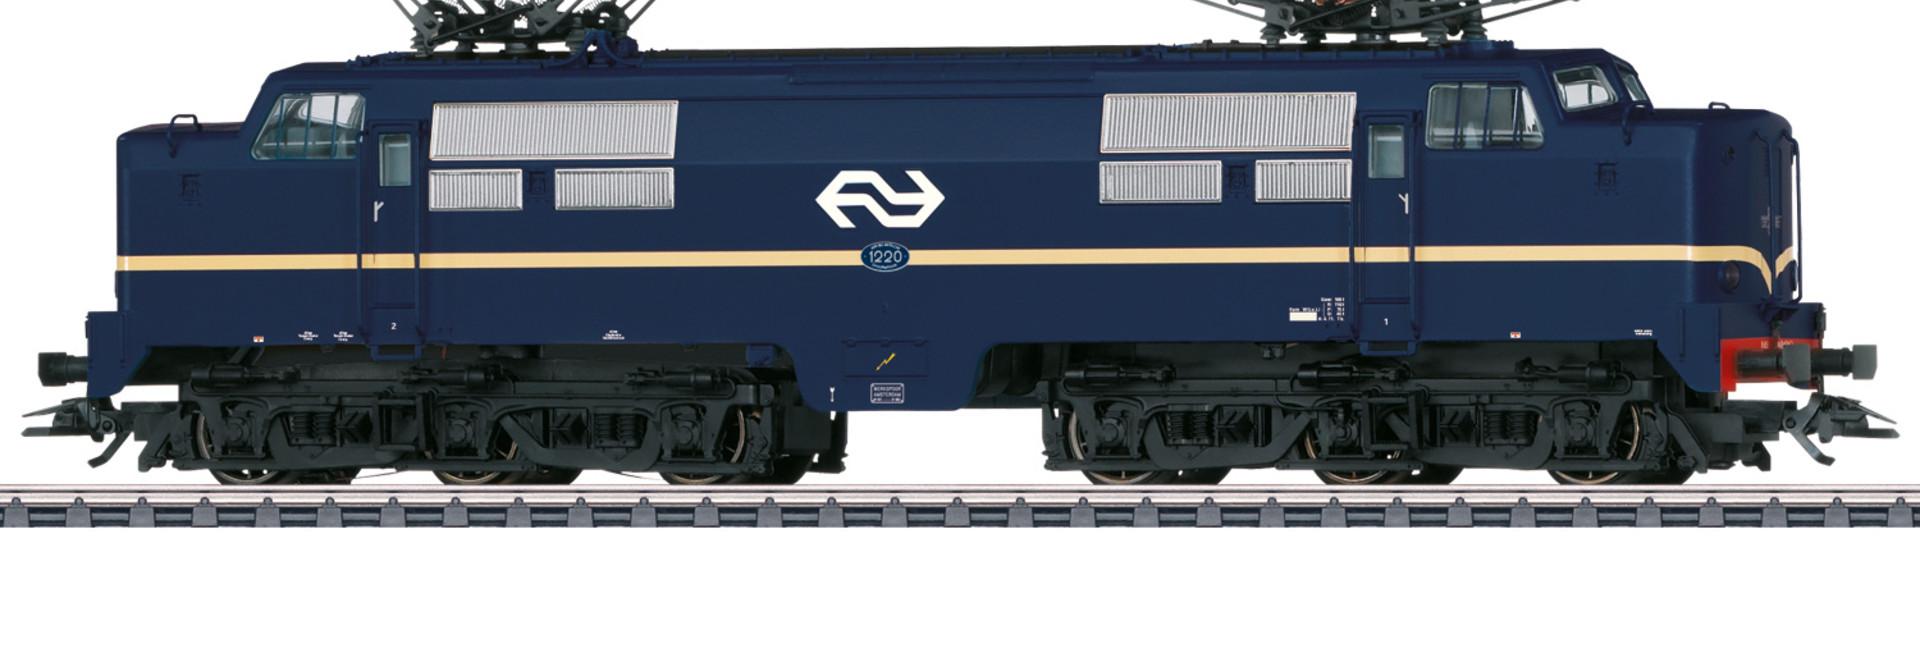 37025E-Lok Reihe 1200 NS